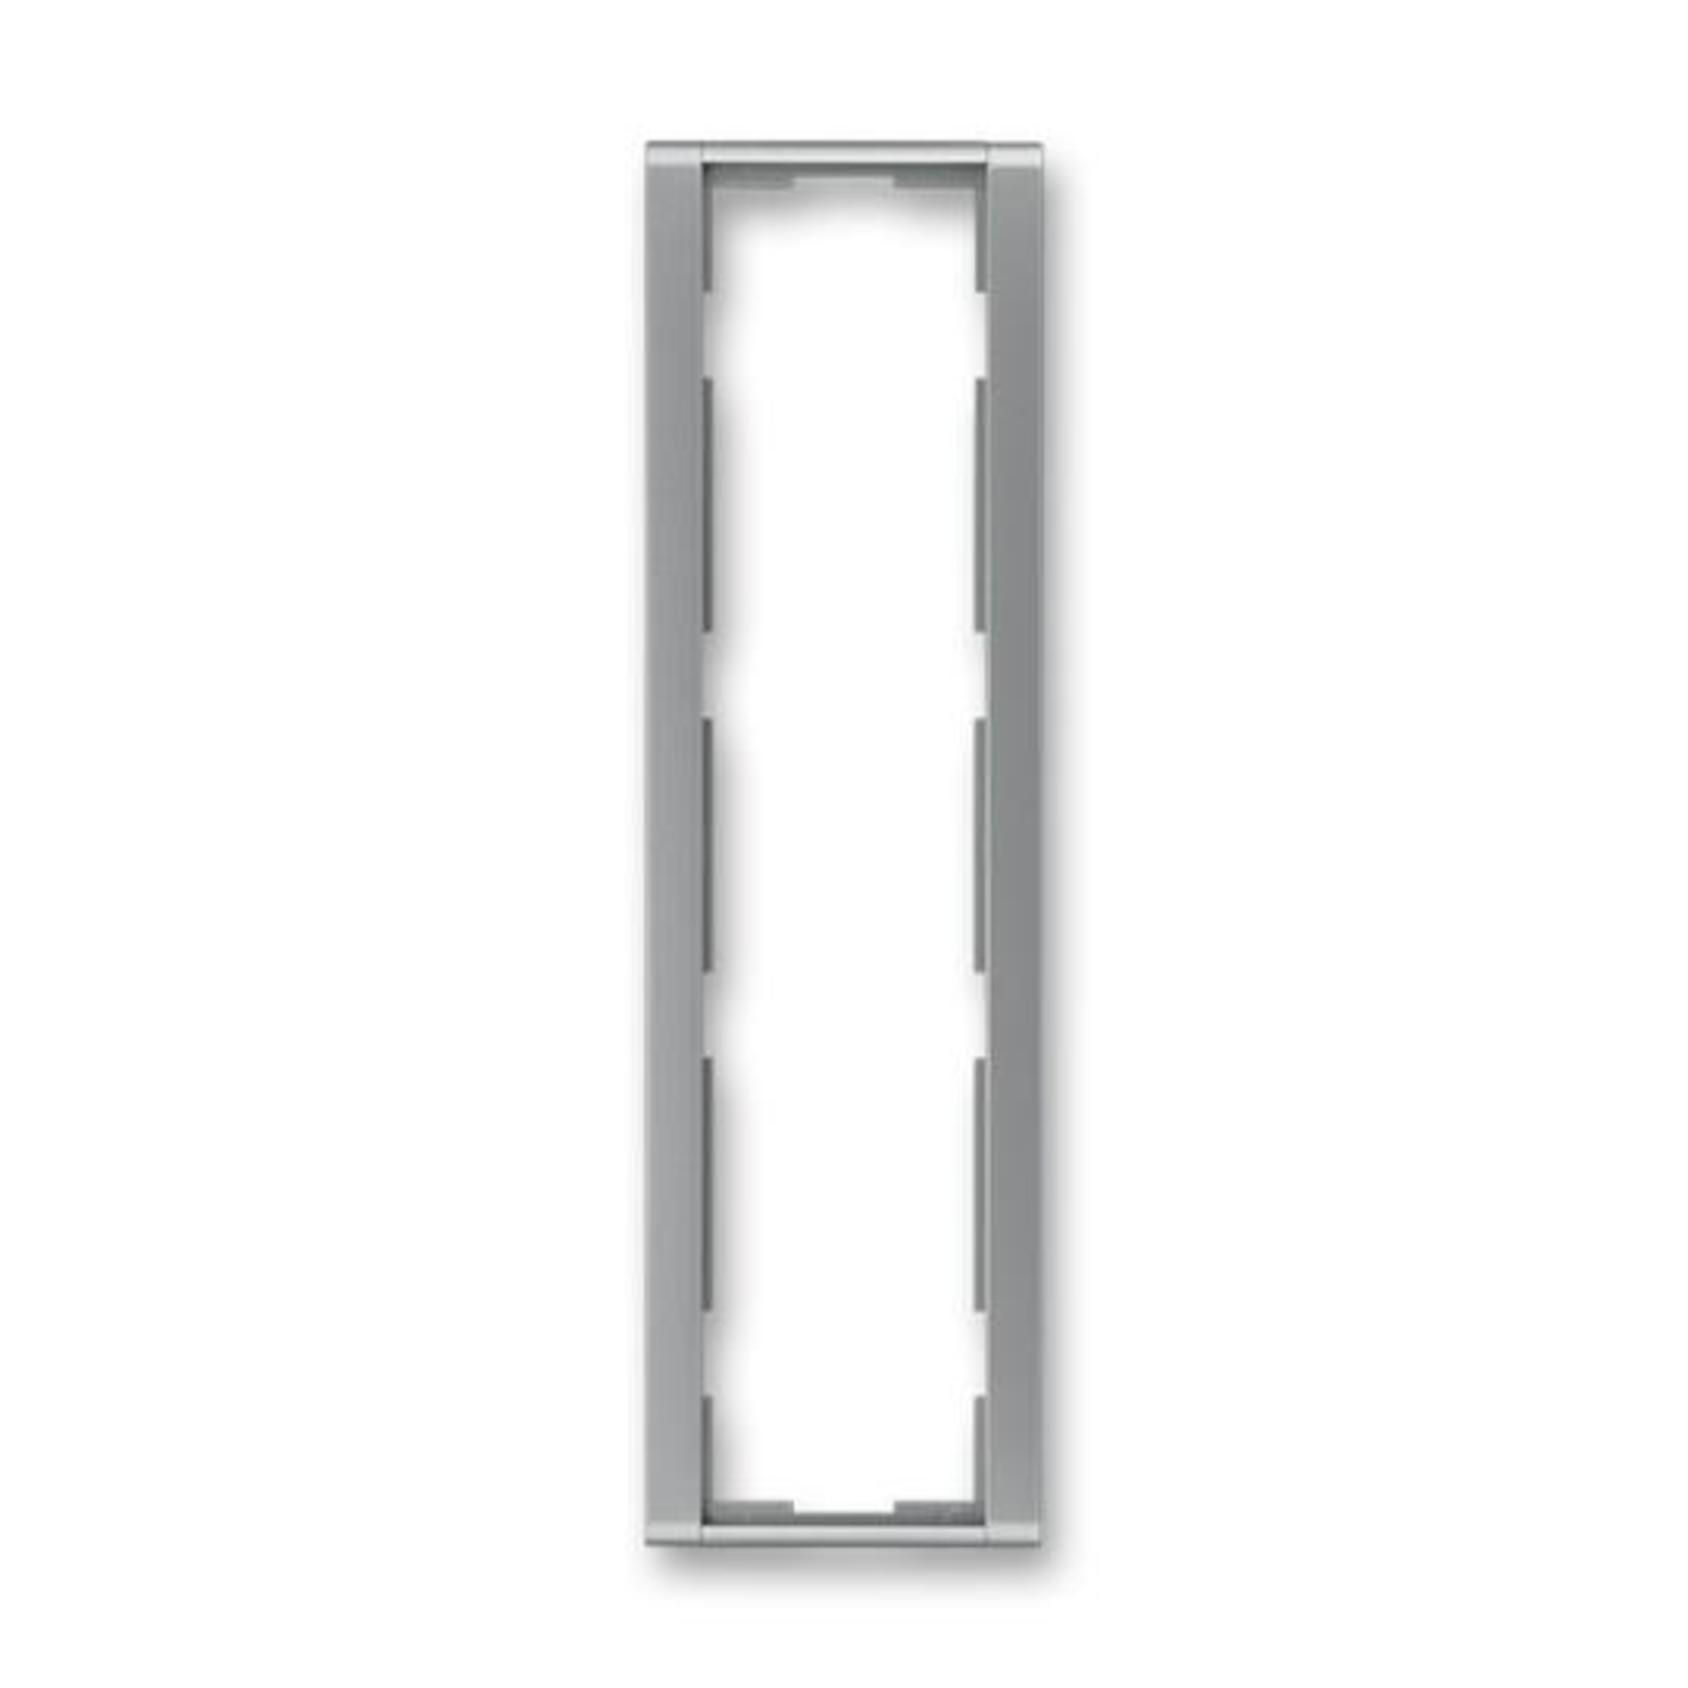 ABB 3901F-A00141 36 Time Rámeček čtyřnásobný, svislý